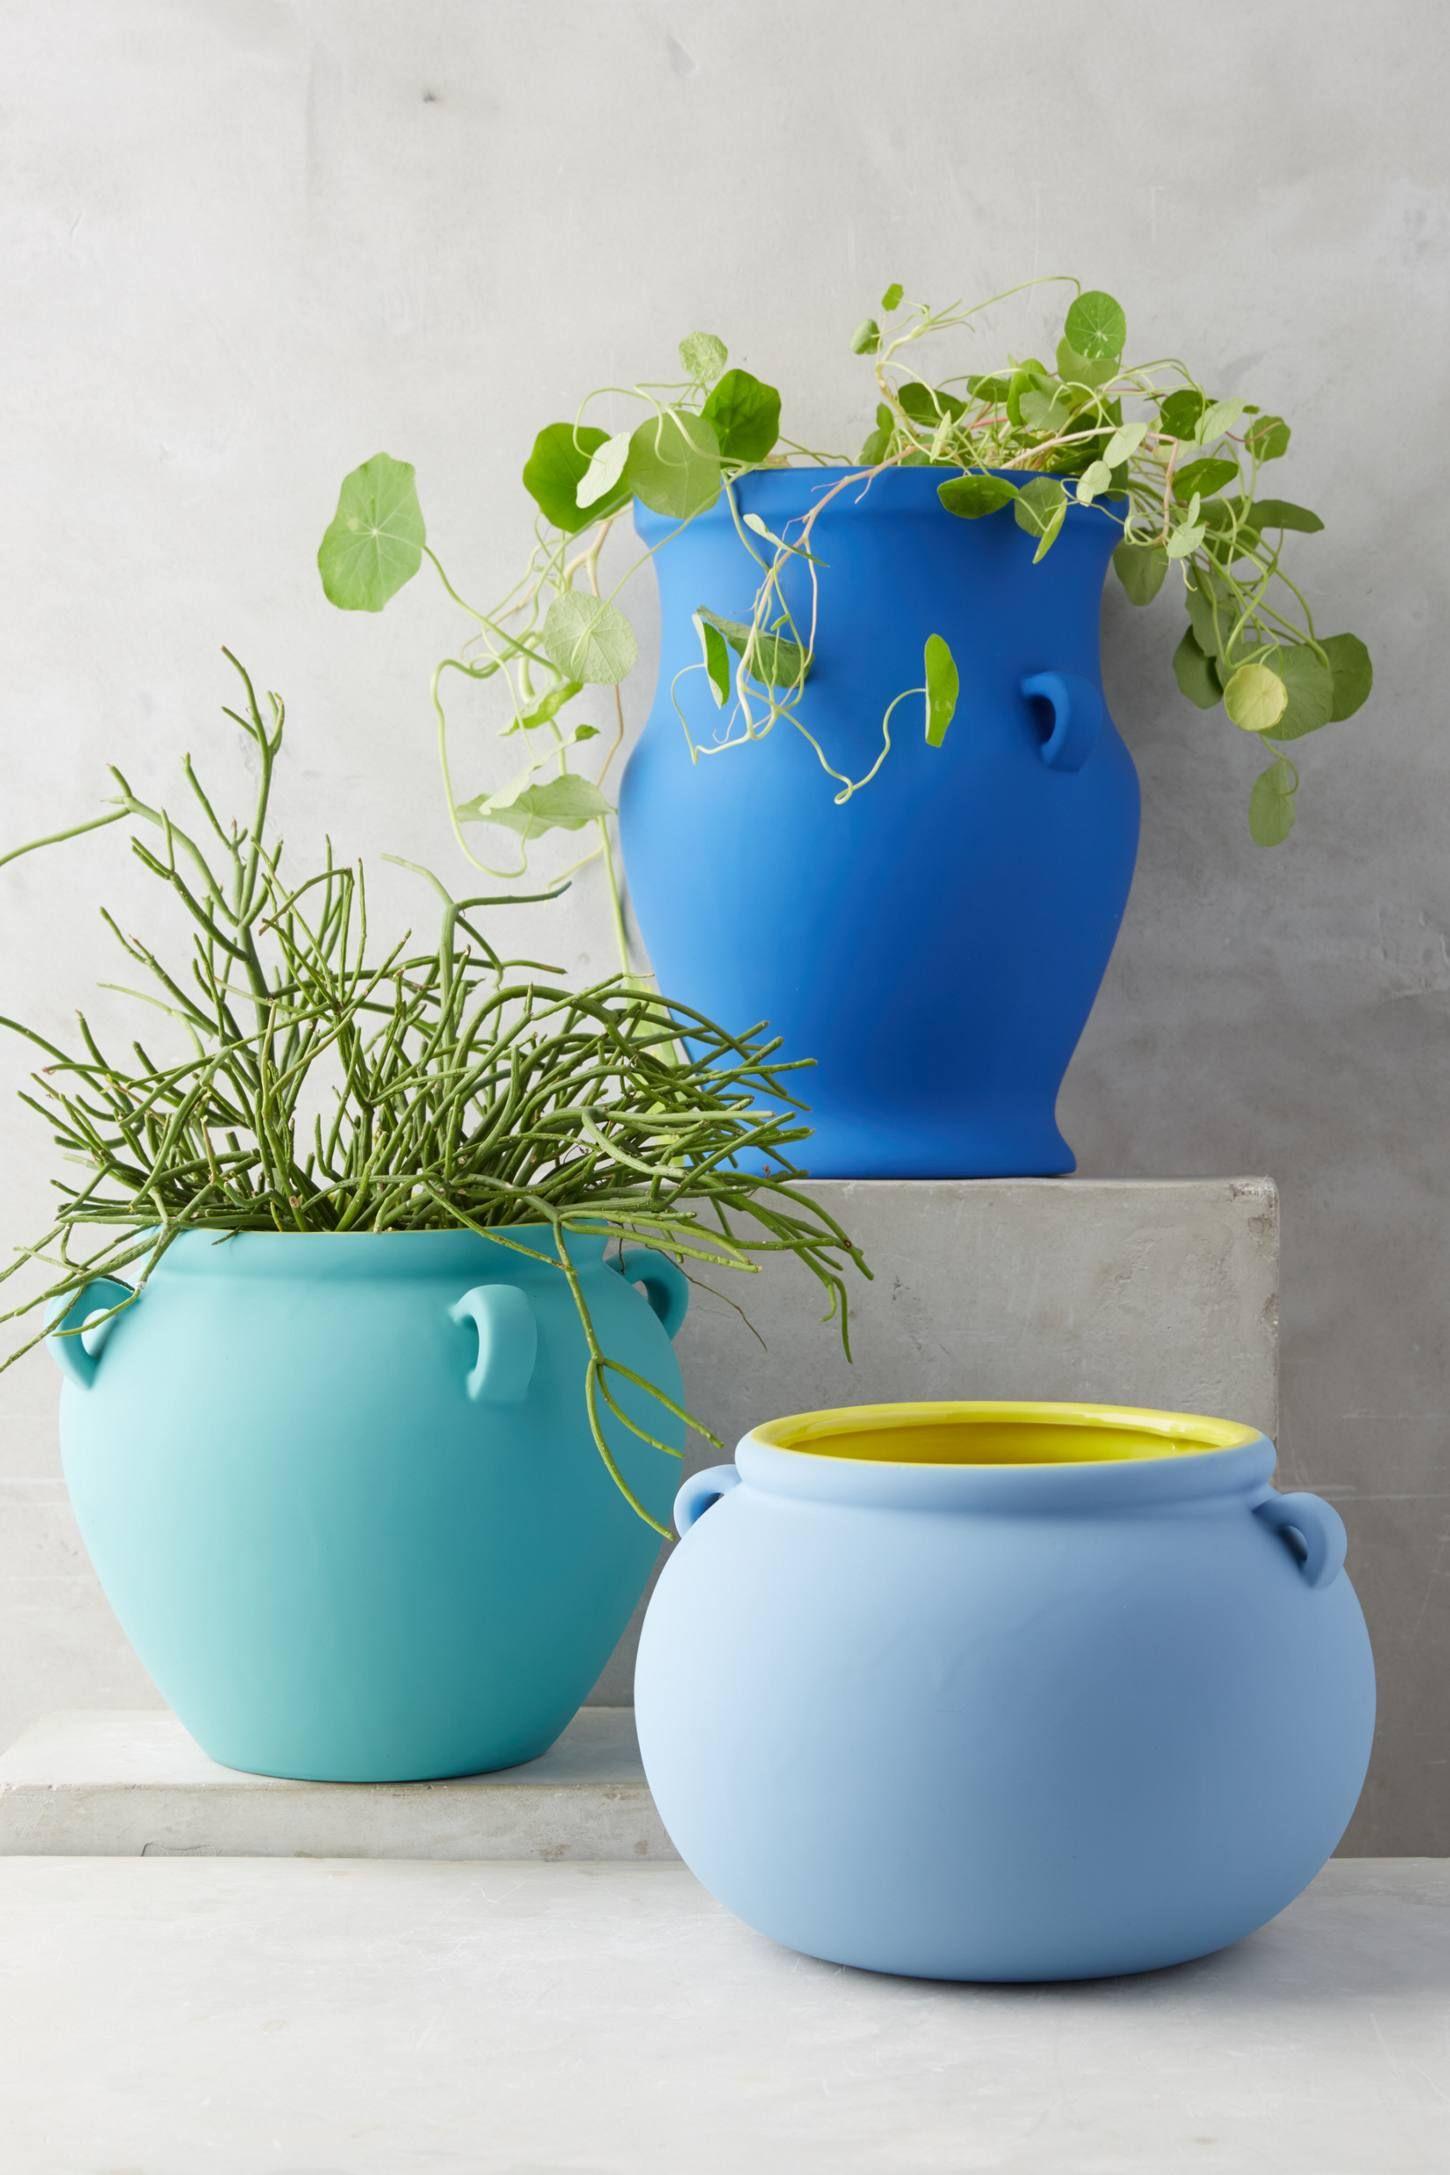 Pierre Color Contrast Pot Blue Planter Flower Pots Outdoor Buy Plants